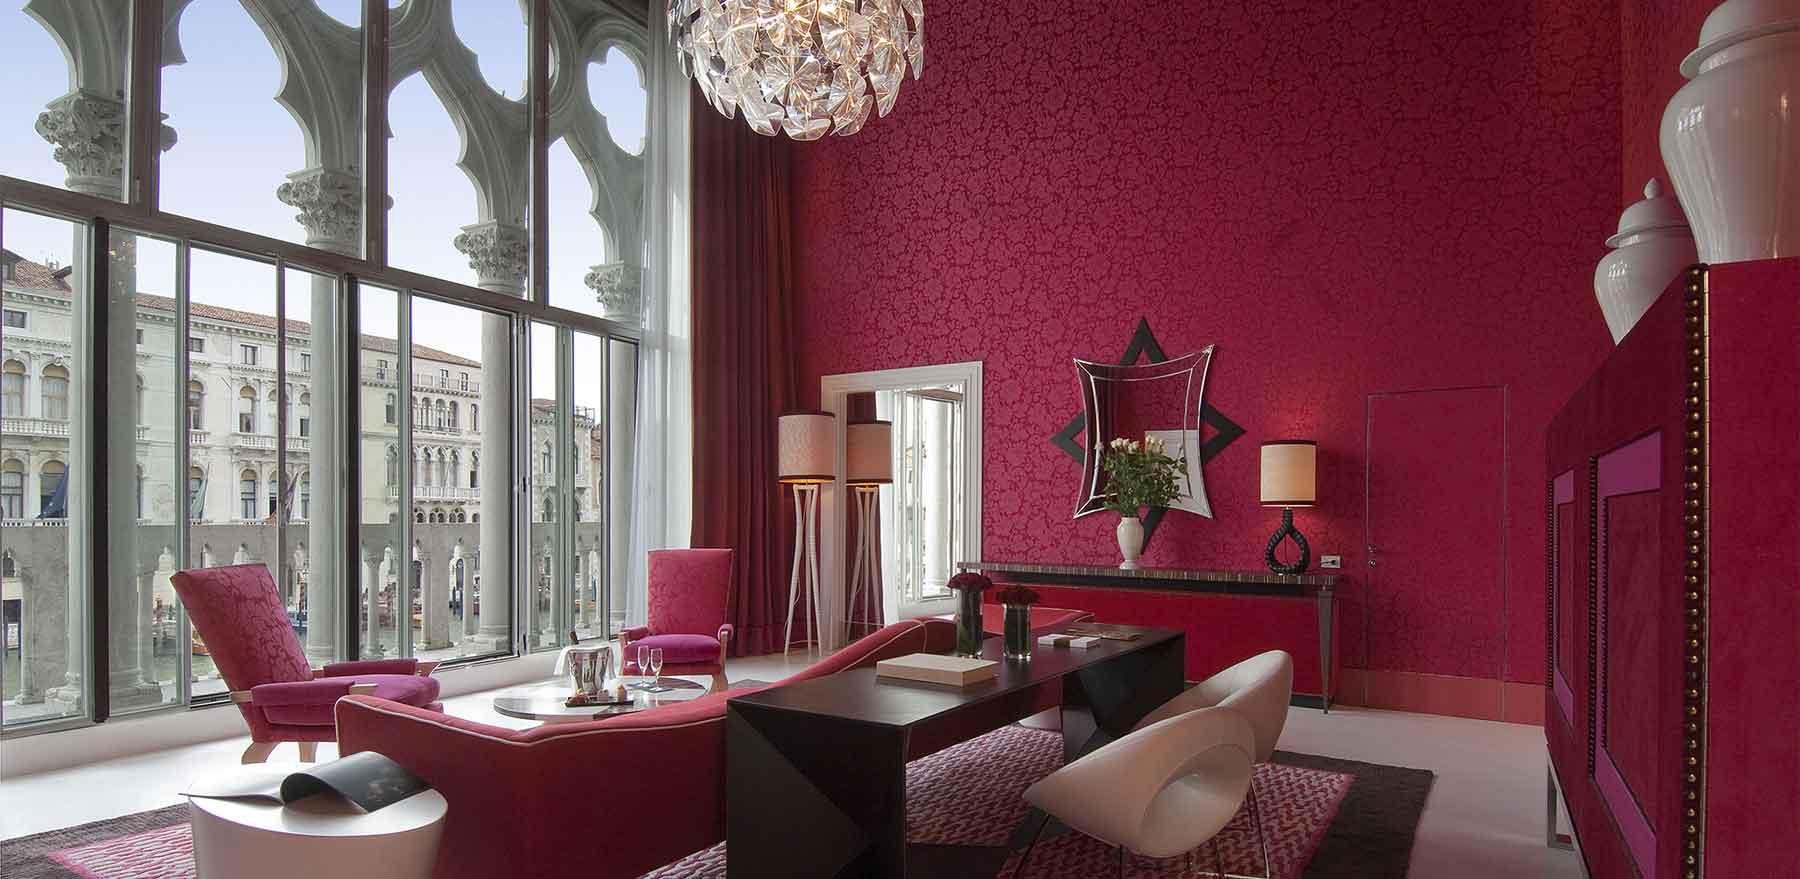 Centurion Palace Venise, Hotel Design : Suite Présidentielle